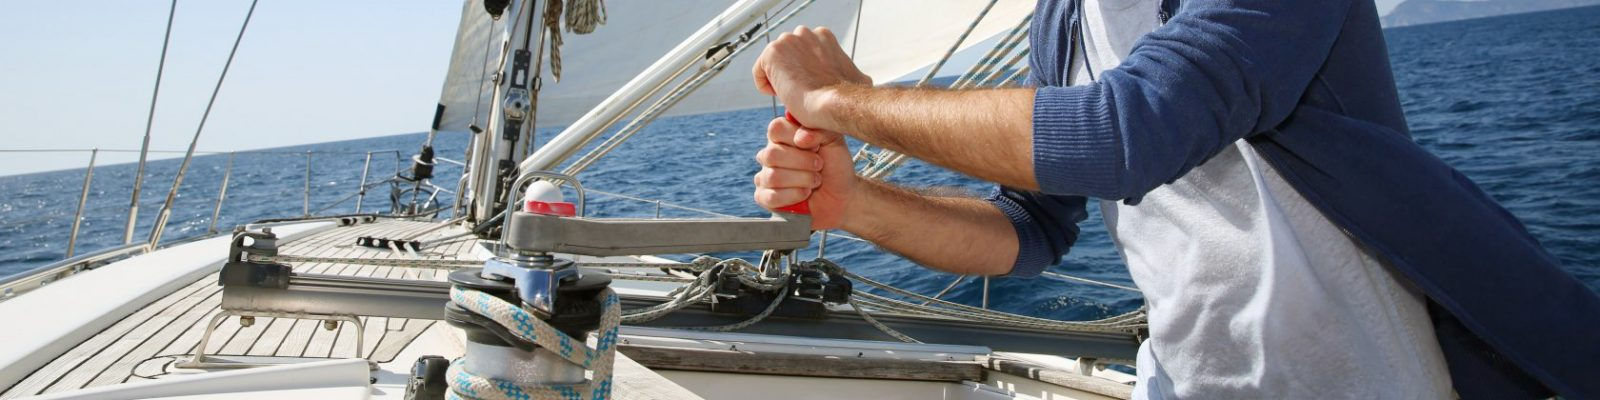 Управление яхтой